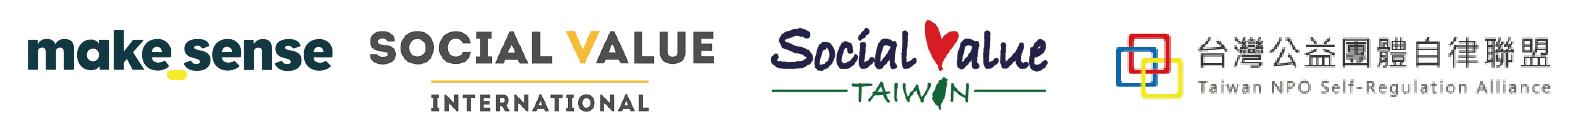 尤努斯獎-第五屆社會創新與創業競賽-協辦單位:MakeSense、Social Value International、台灣社會影響力研究院、台灣公益團體自律聯盟、社會創新實驗中心、社會影響力製造所Impact Hub Taipei、法鼓文理學院、臺中社會創新實驗中心